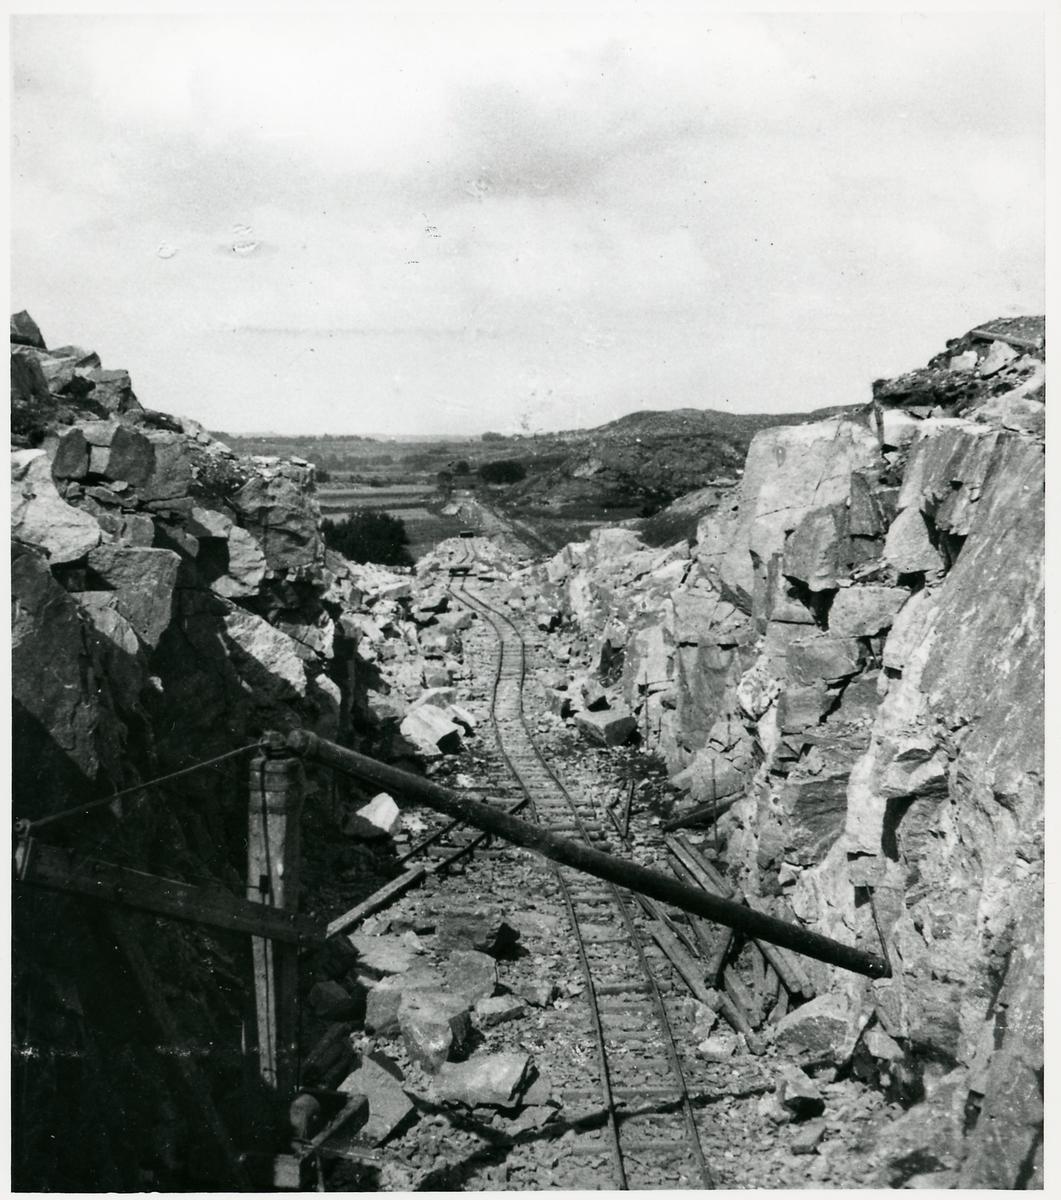 Genomsprängning av berget i hovås för byggandet av Göteborg - särö järnväg.